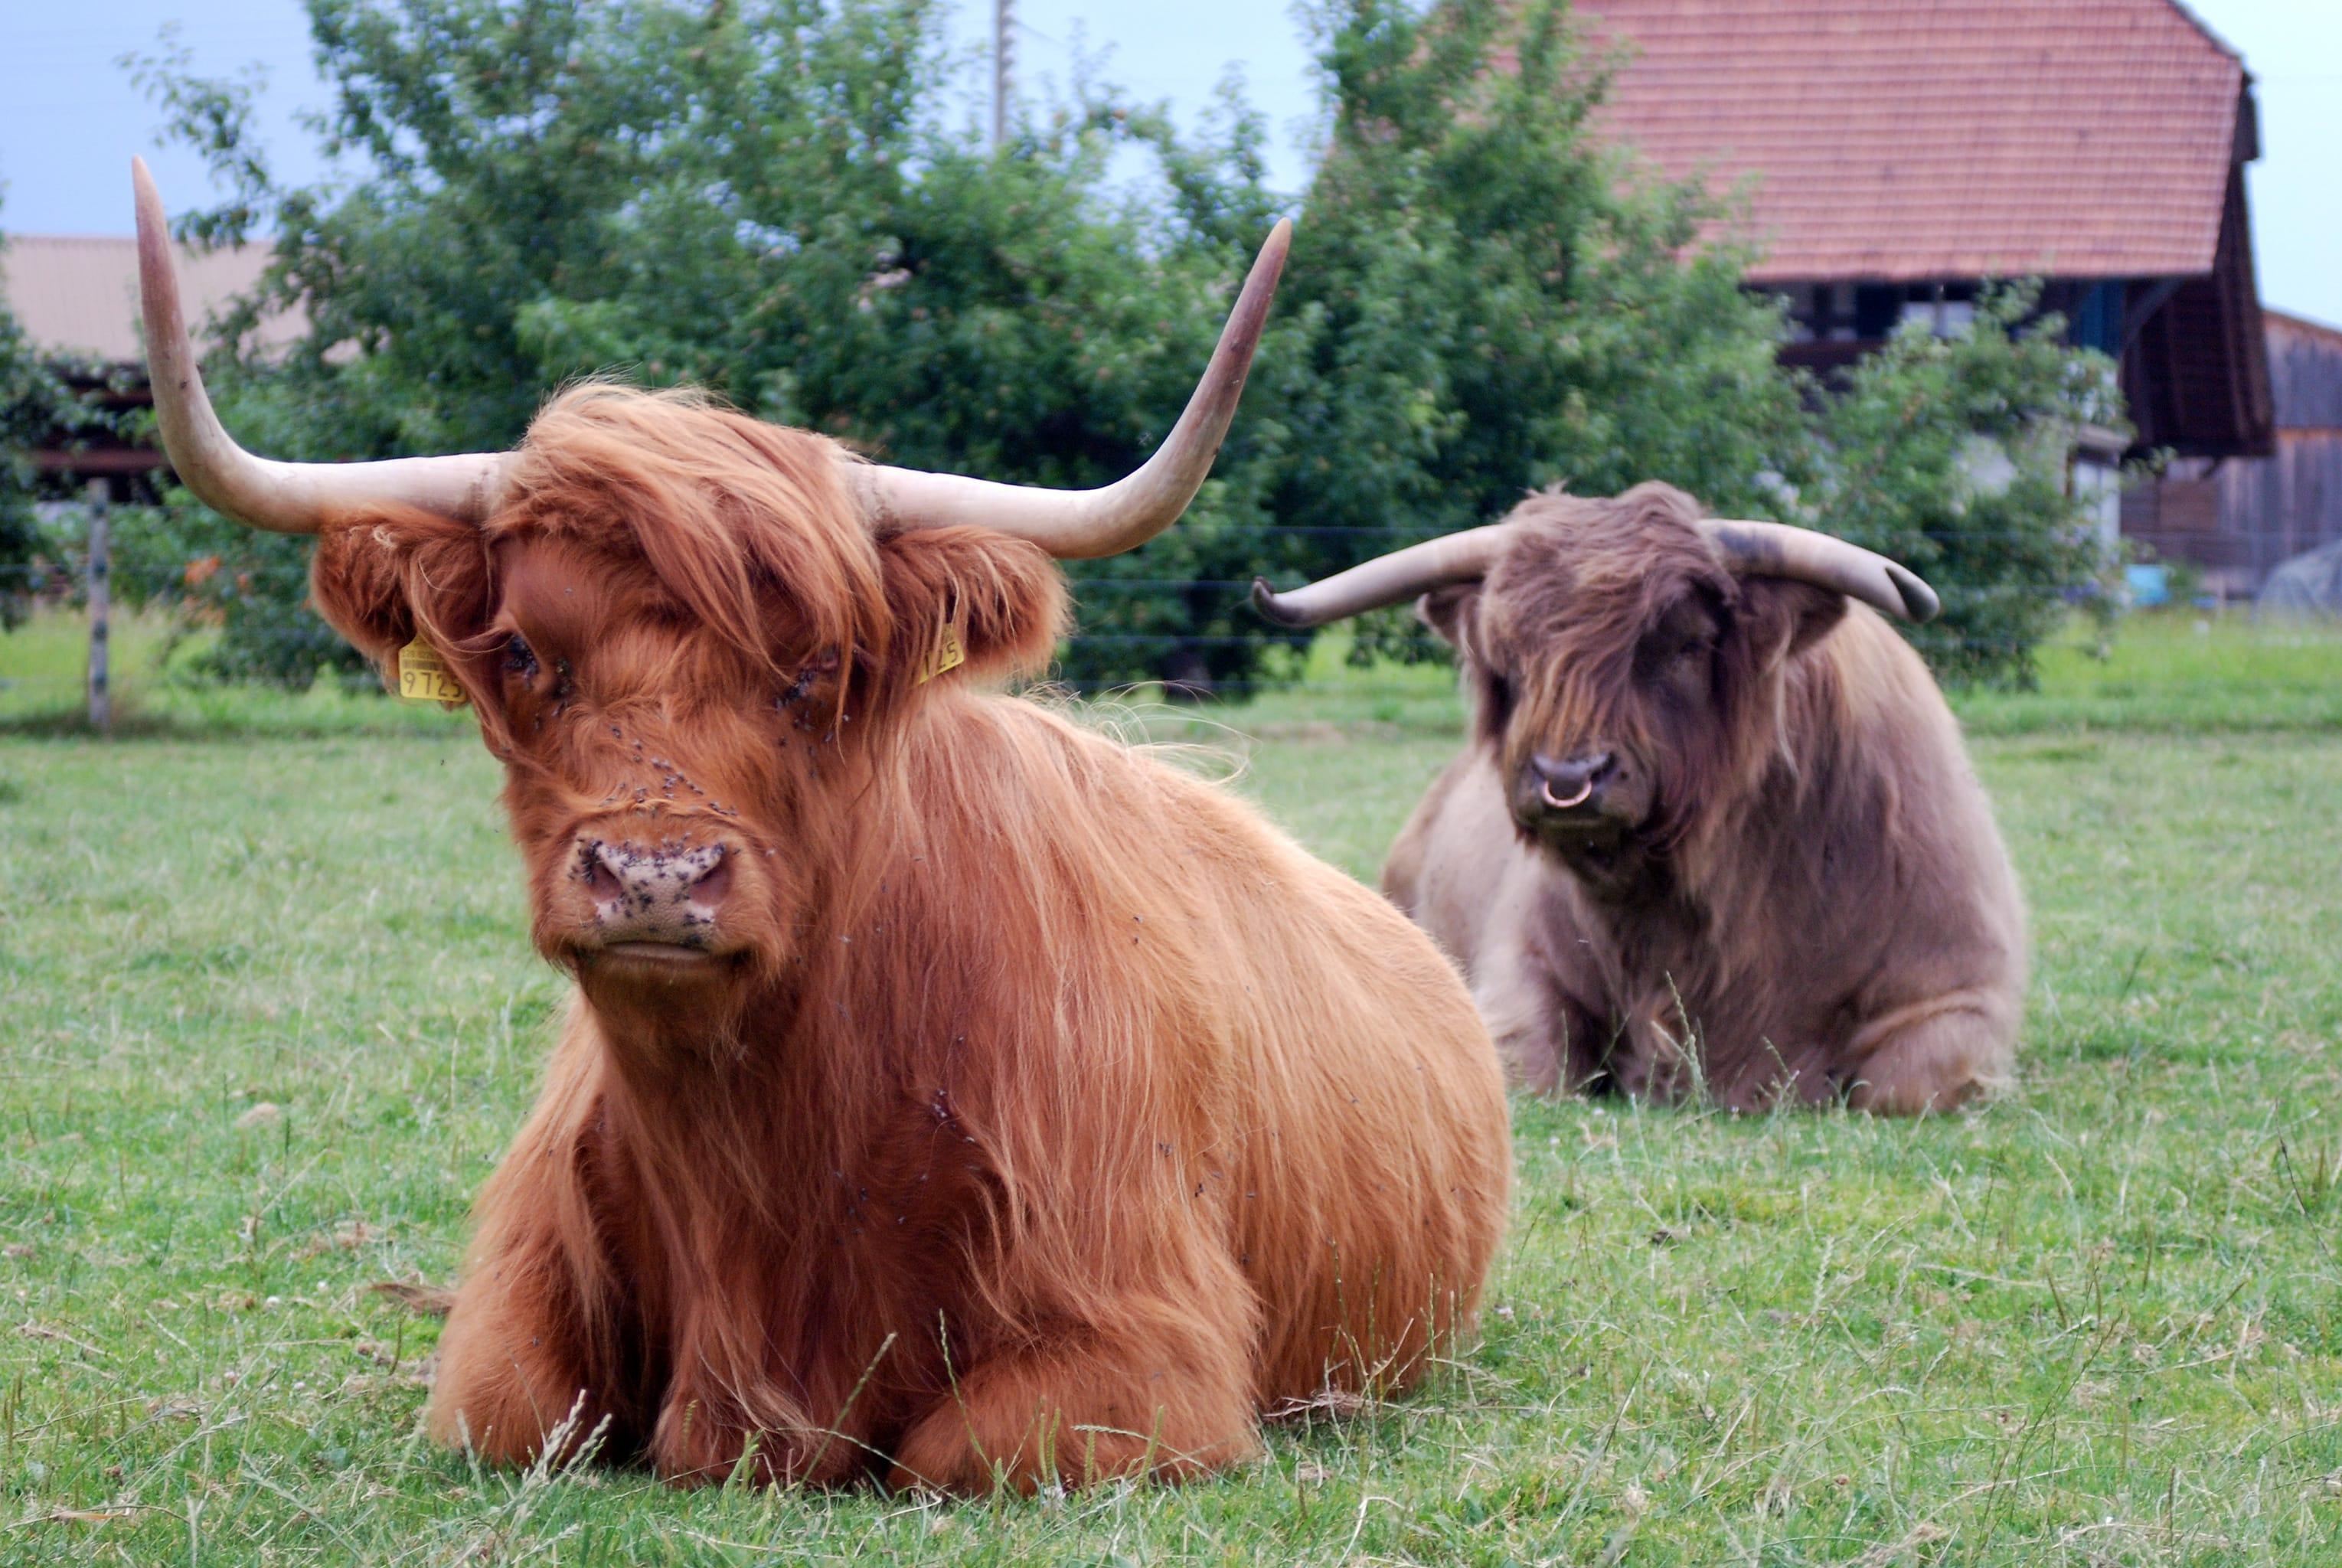 Ein schönes Paar: Bulle und Kuh auf den Wiesen der power-farm.